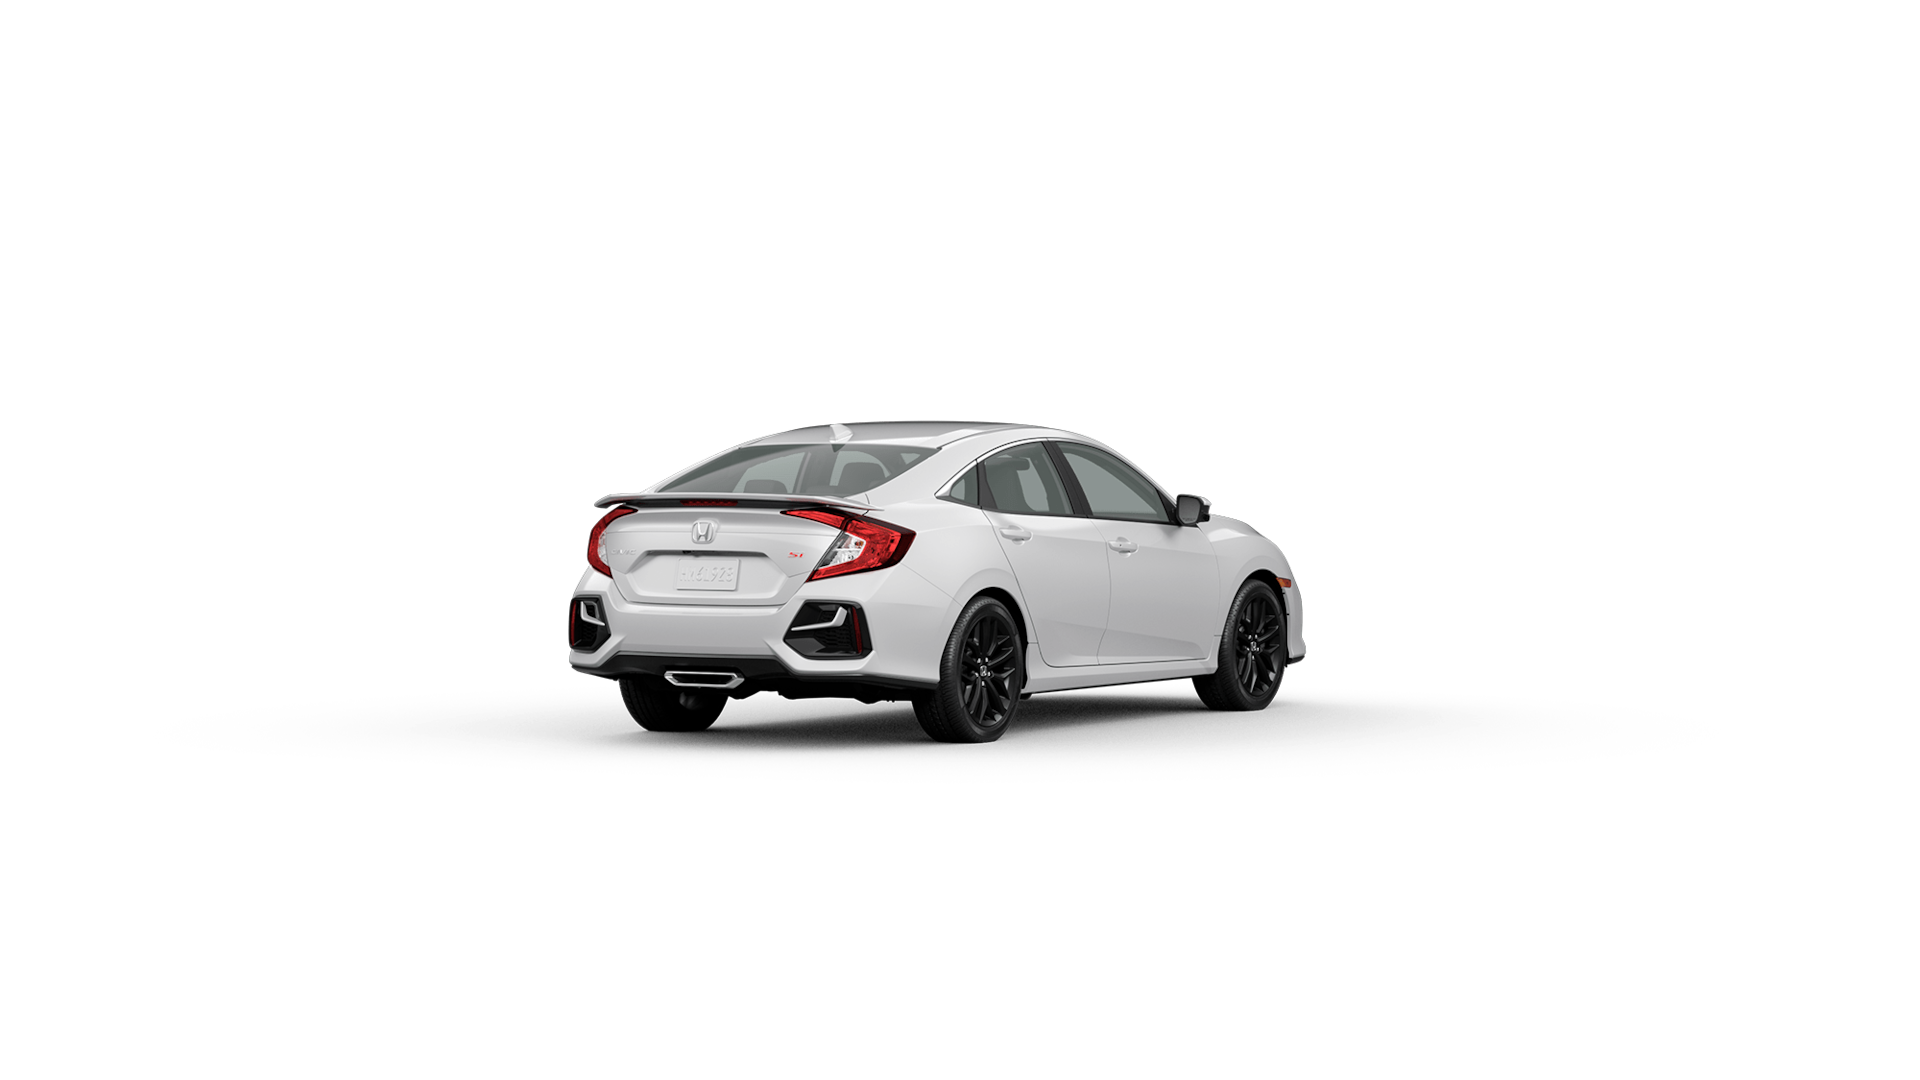 2020 Civic Si Sedan Compact Sport Sedan Honda